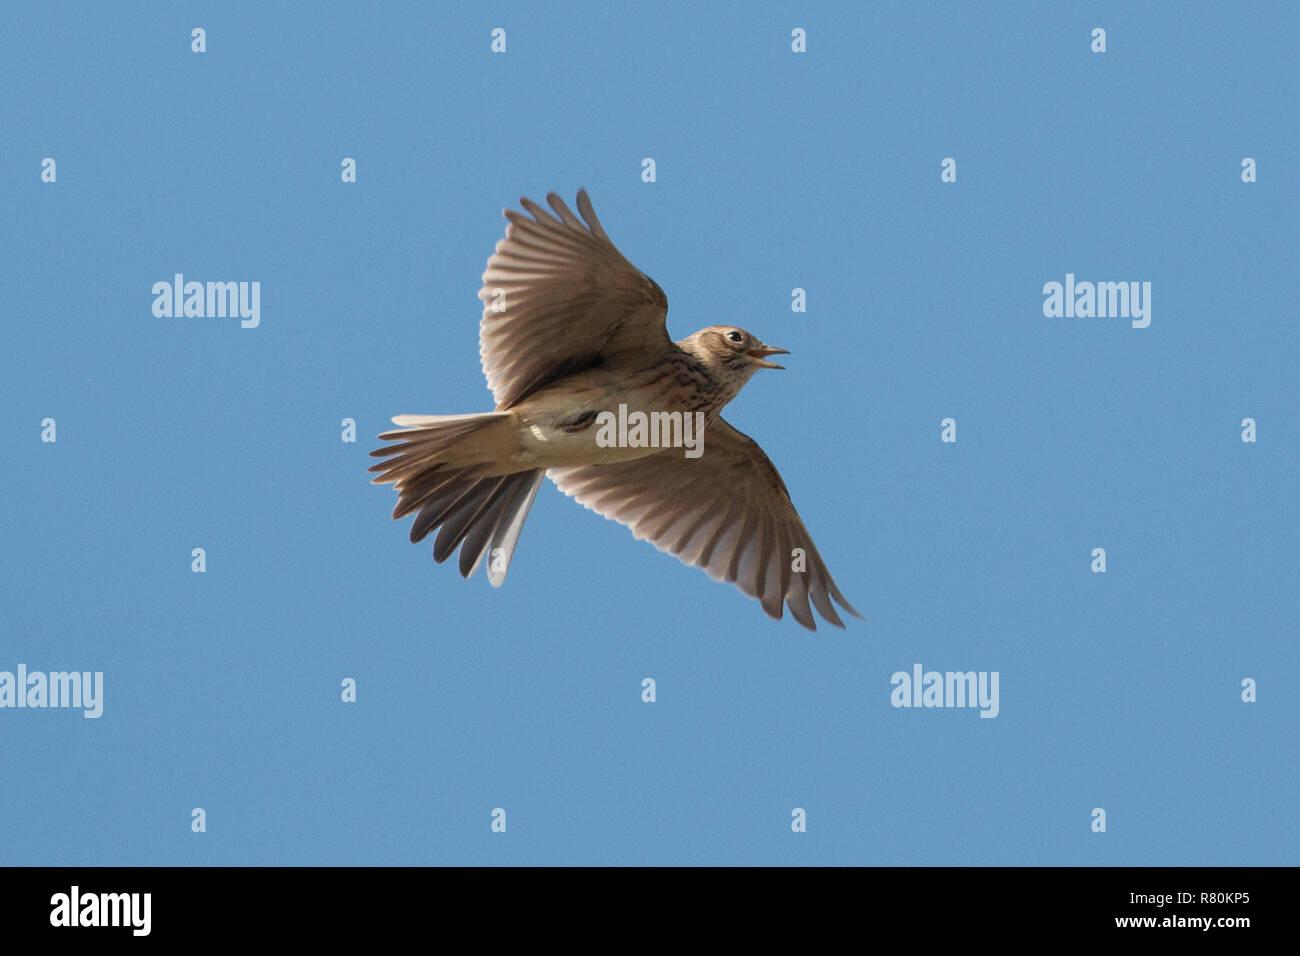 Skylark (Alauda arvensis) in flight, singing. Germany - Stock Image